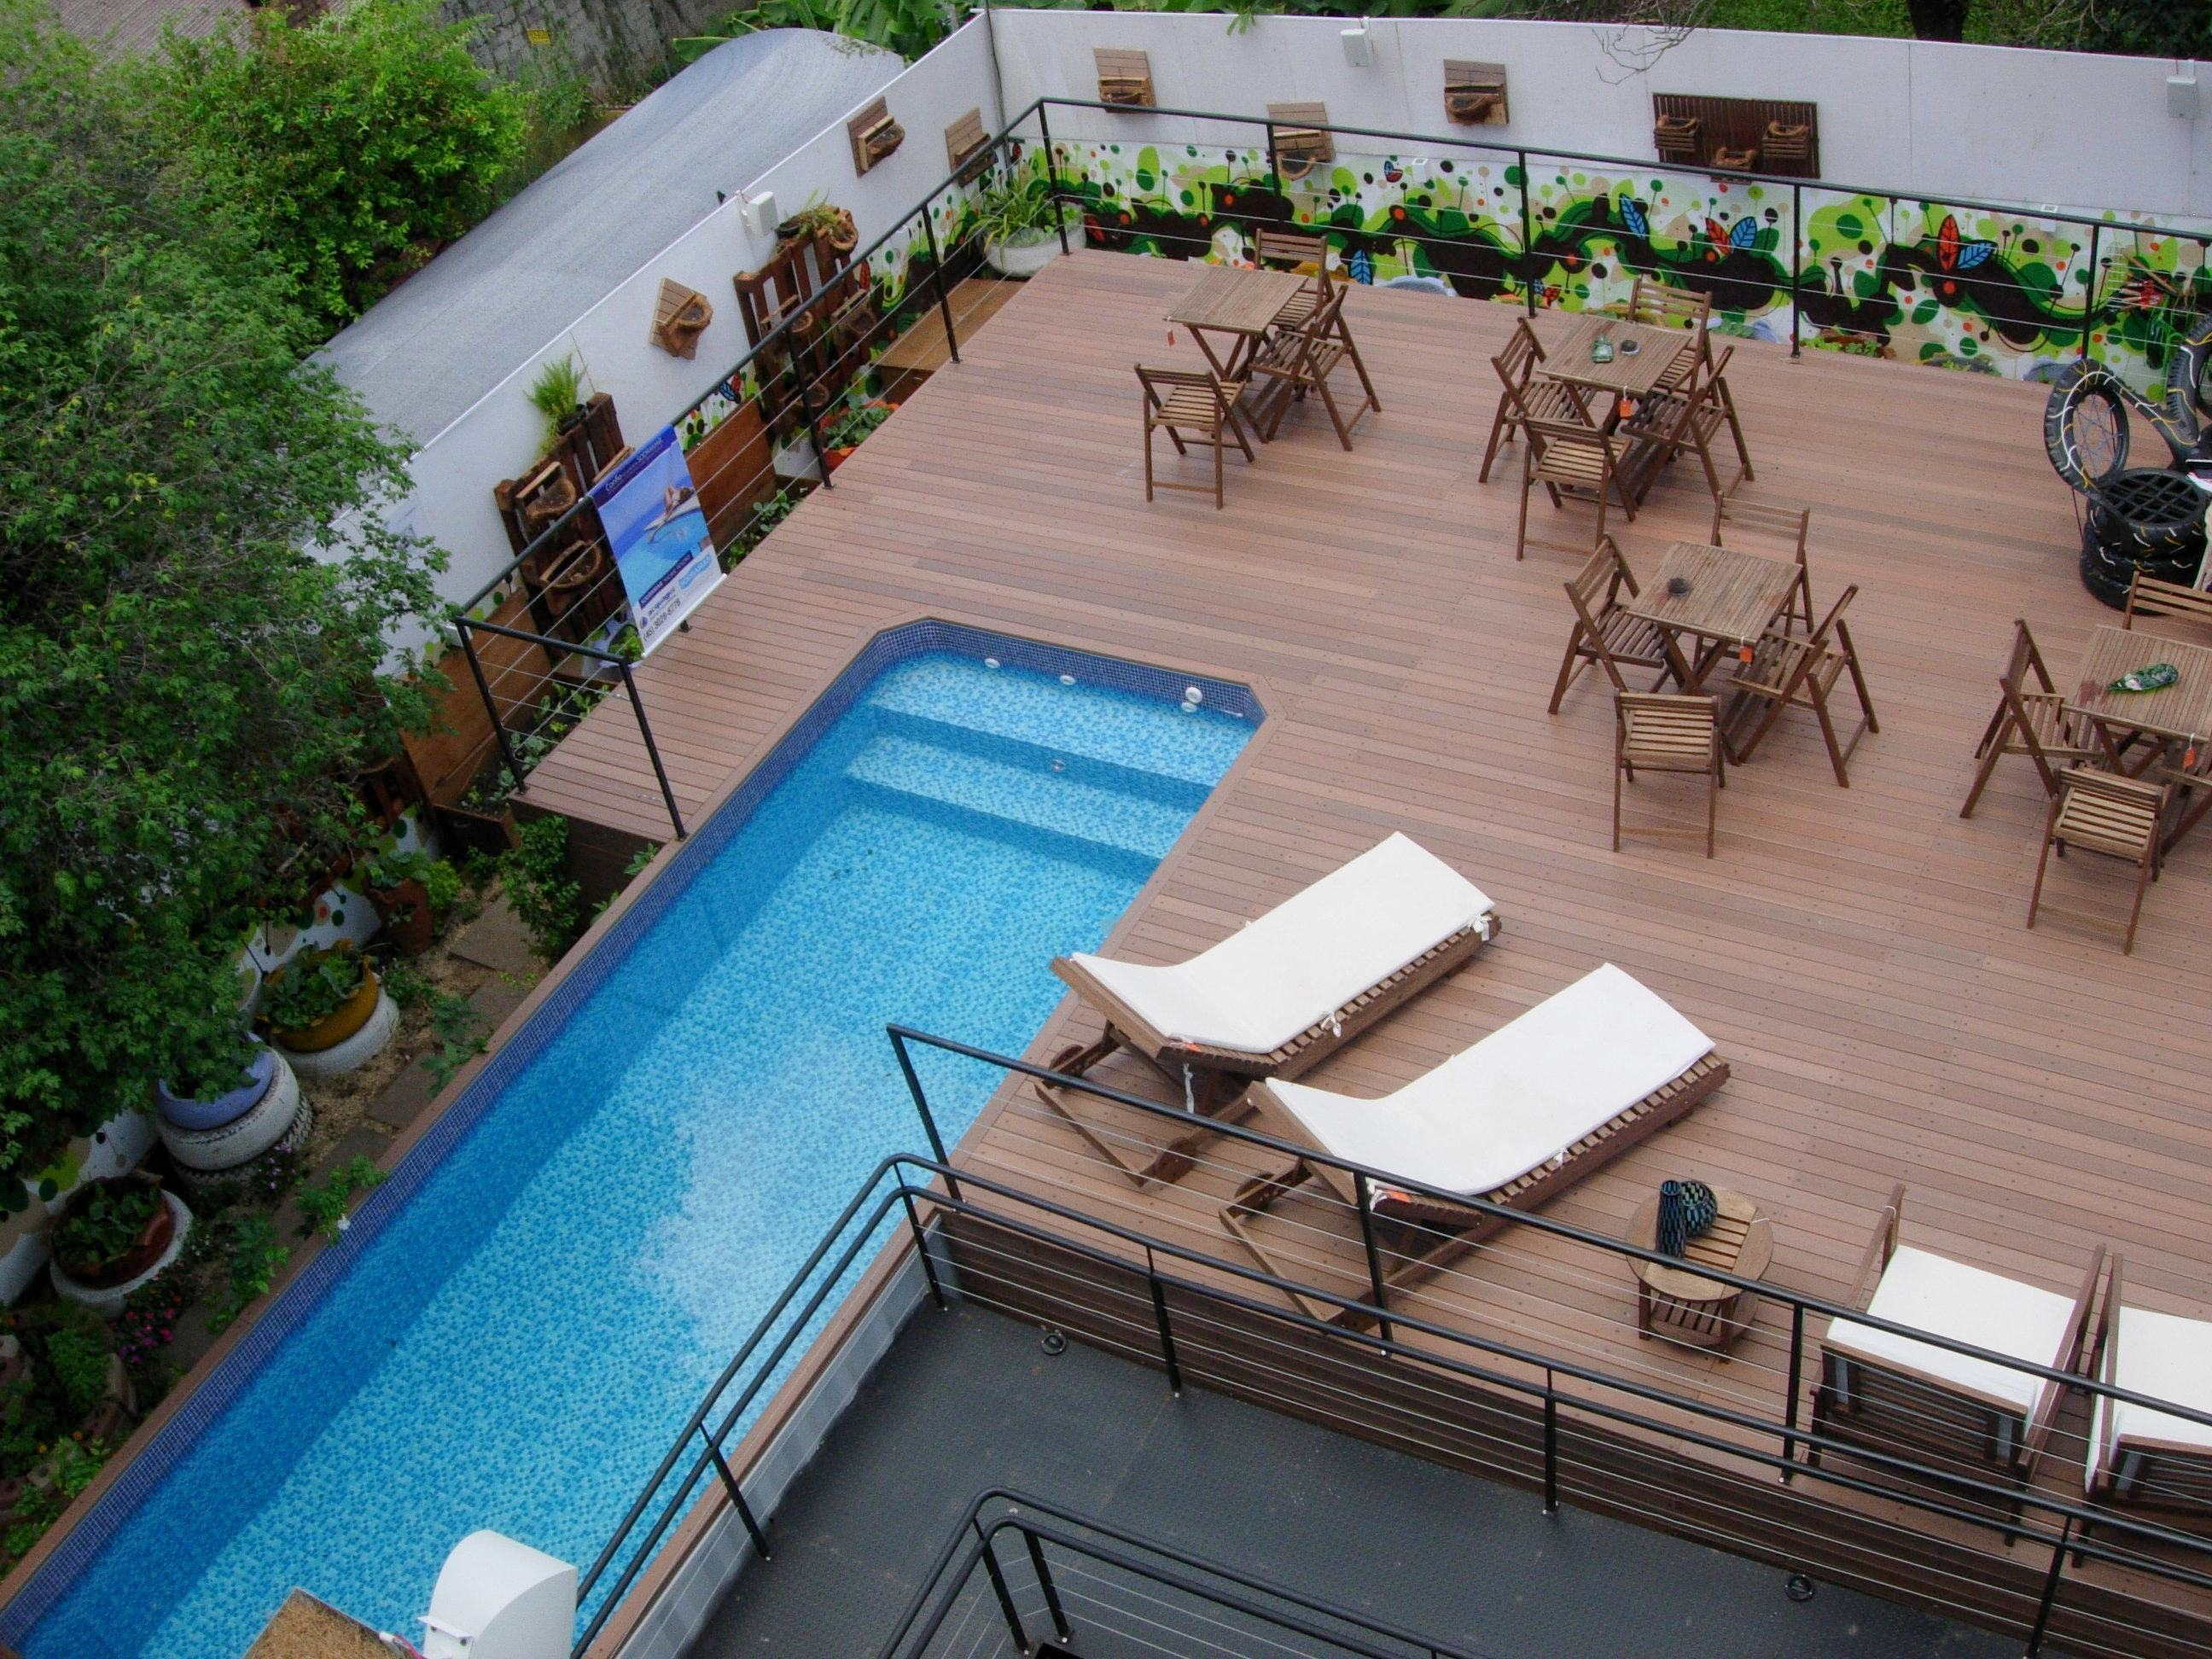 Revestir o local inteiro com deck dá a possibilidade de criar um espaço recreativo com mesas e poltronas